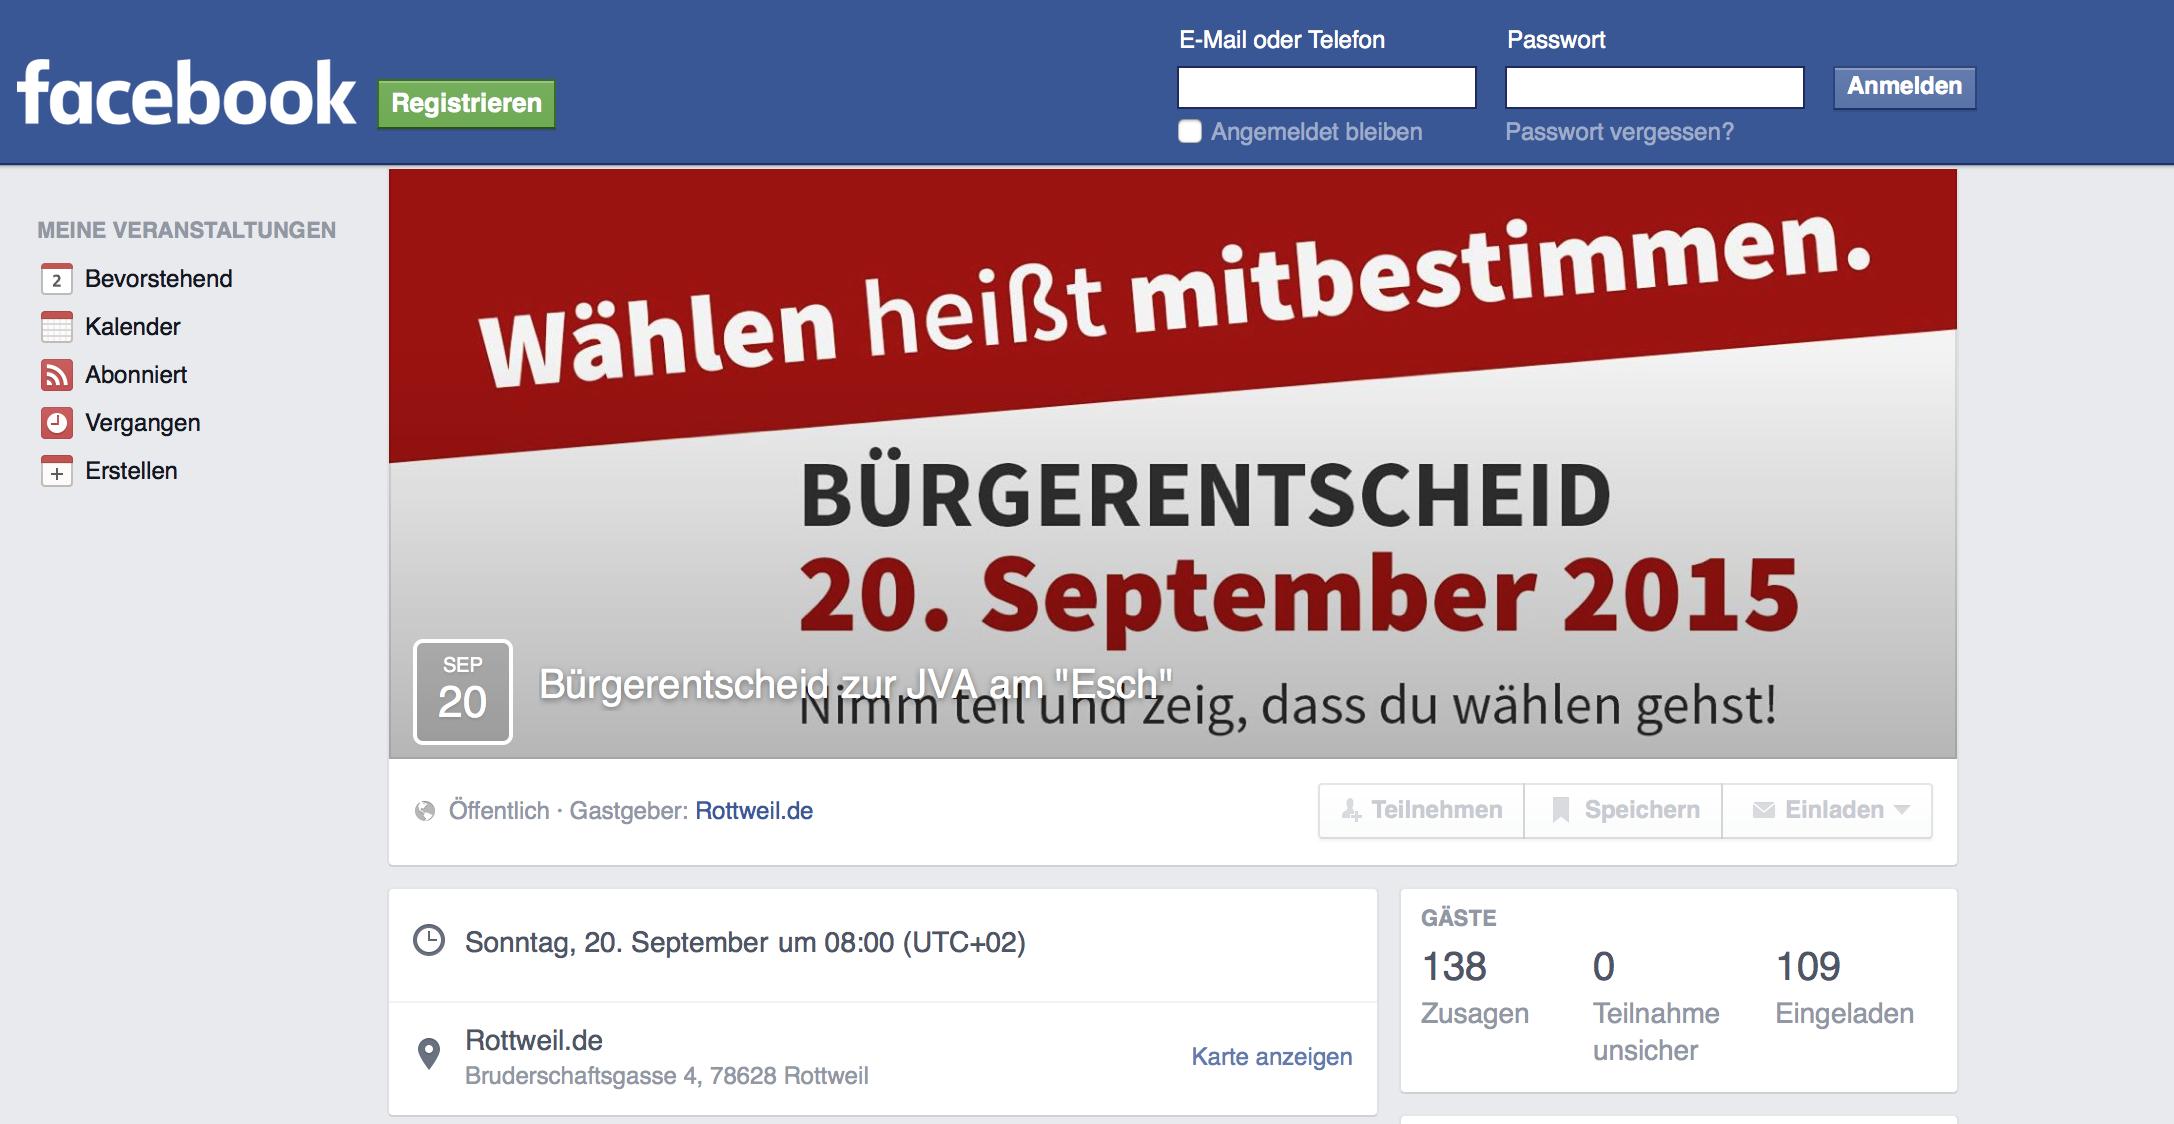 Die Stadt Rottweil startet Facebook Veranstaltung zum Bürgerentscheid